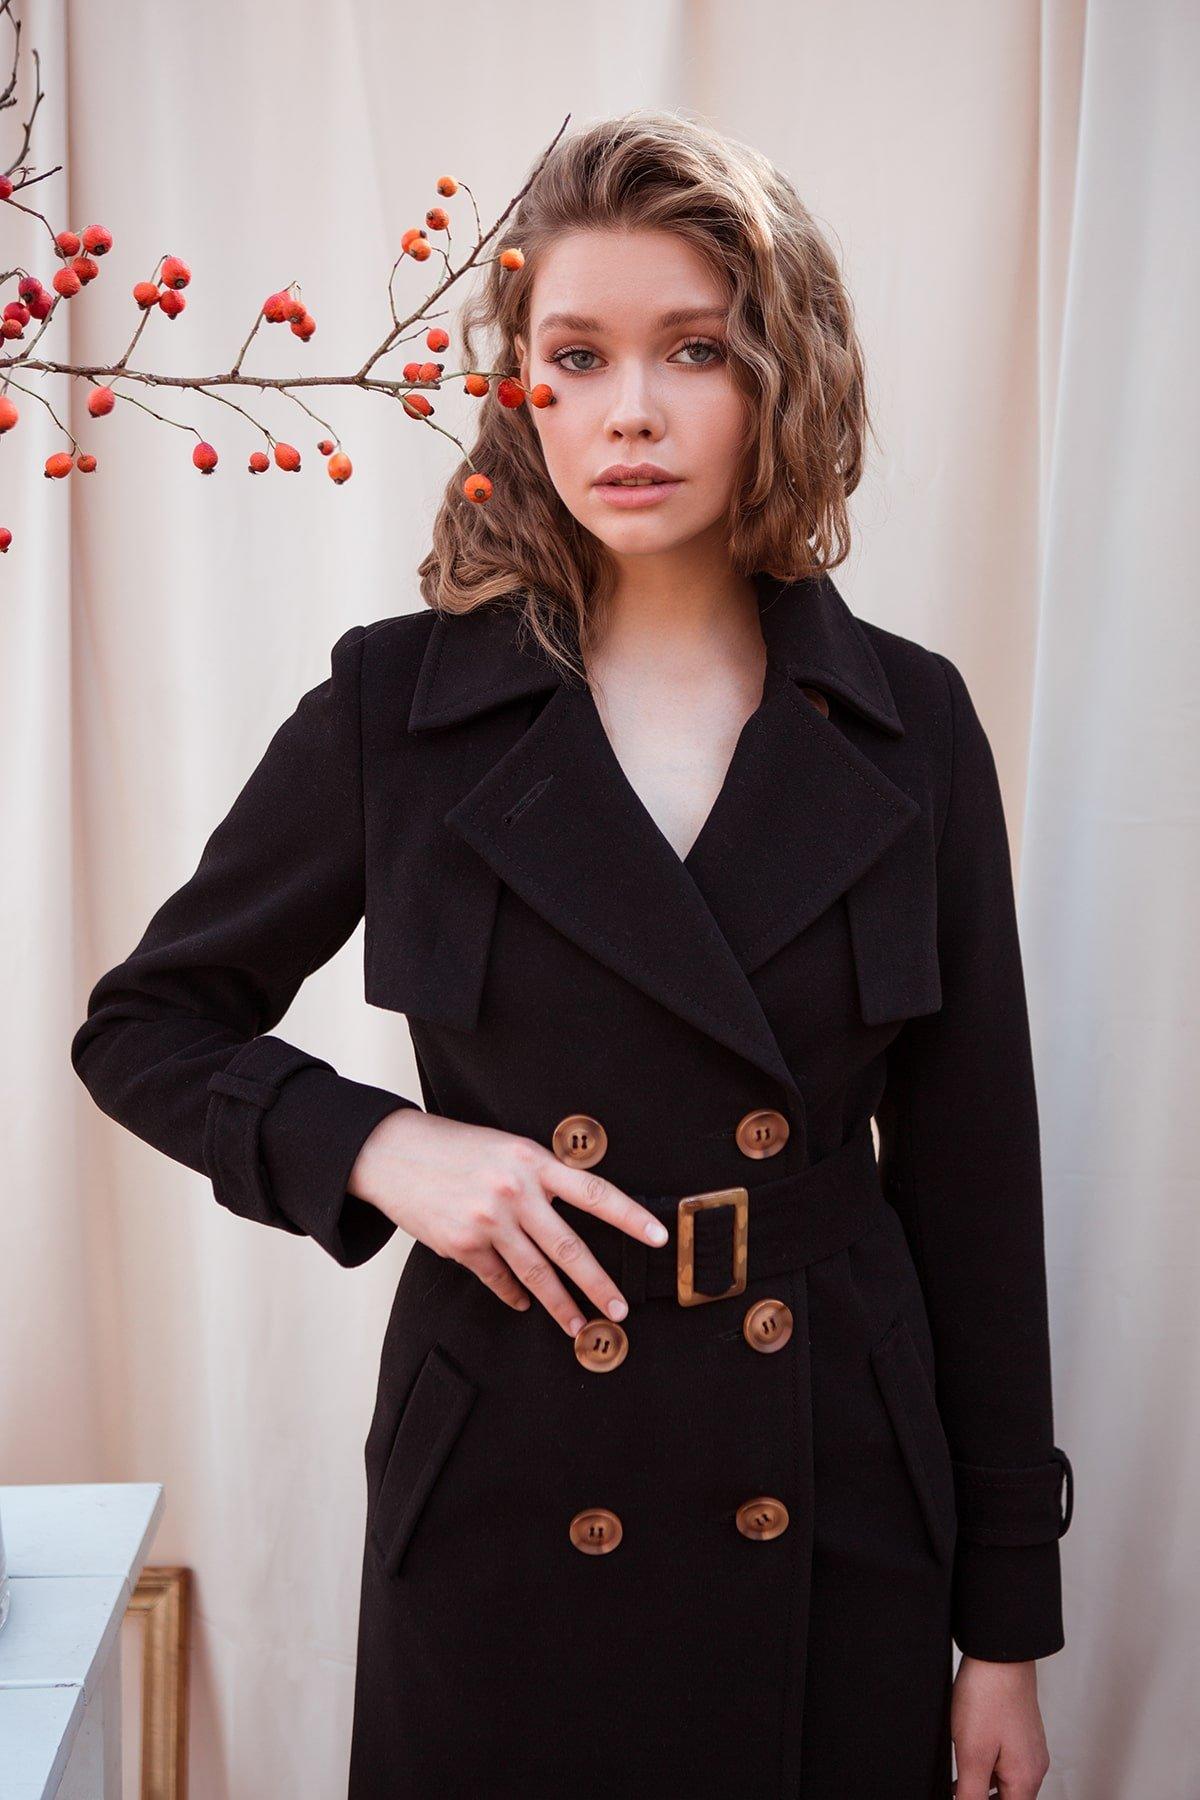 Черное двубортное пальто Монте 7947 АРТ. 43907 Цвет: Черный - фото 4, интернет магазин tm-modus.ru